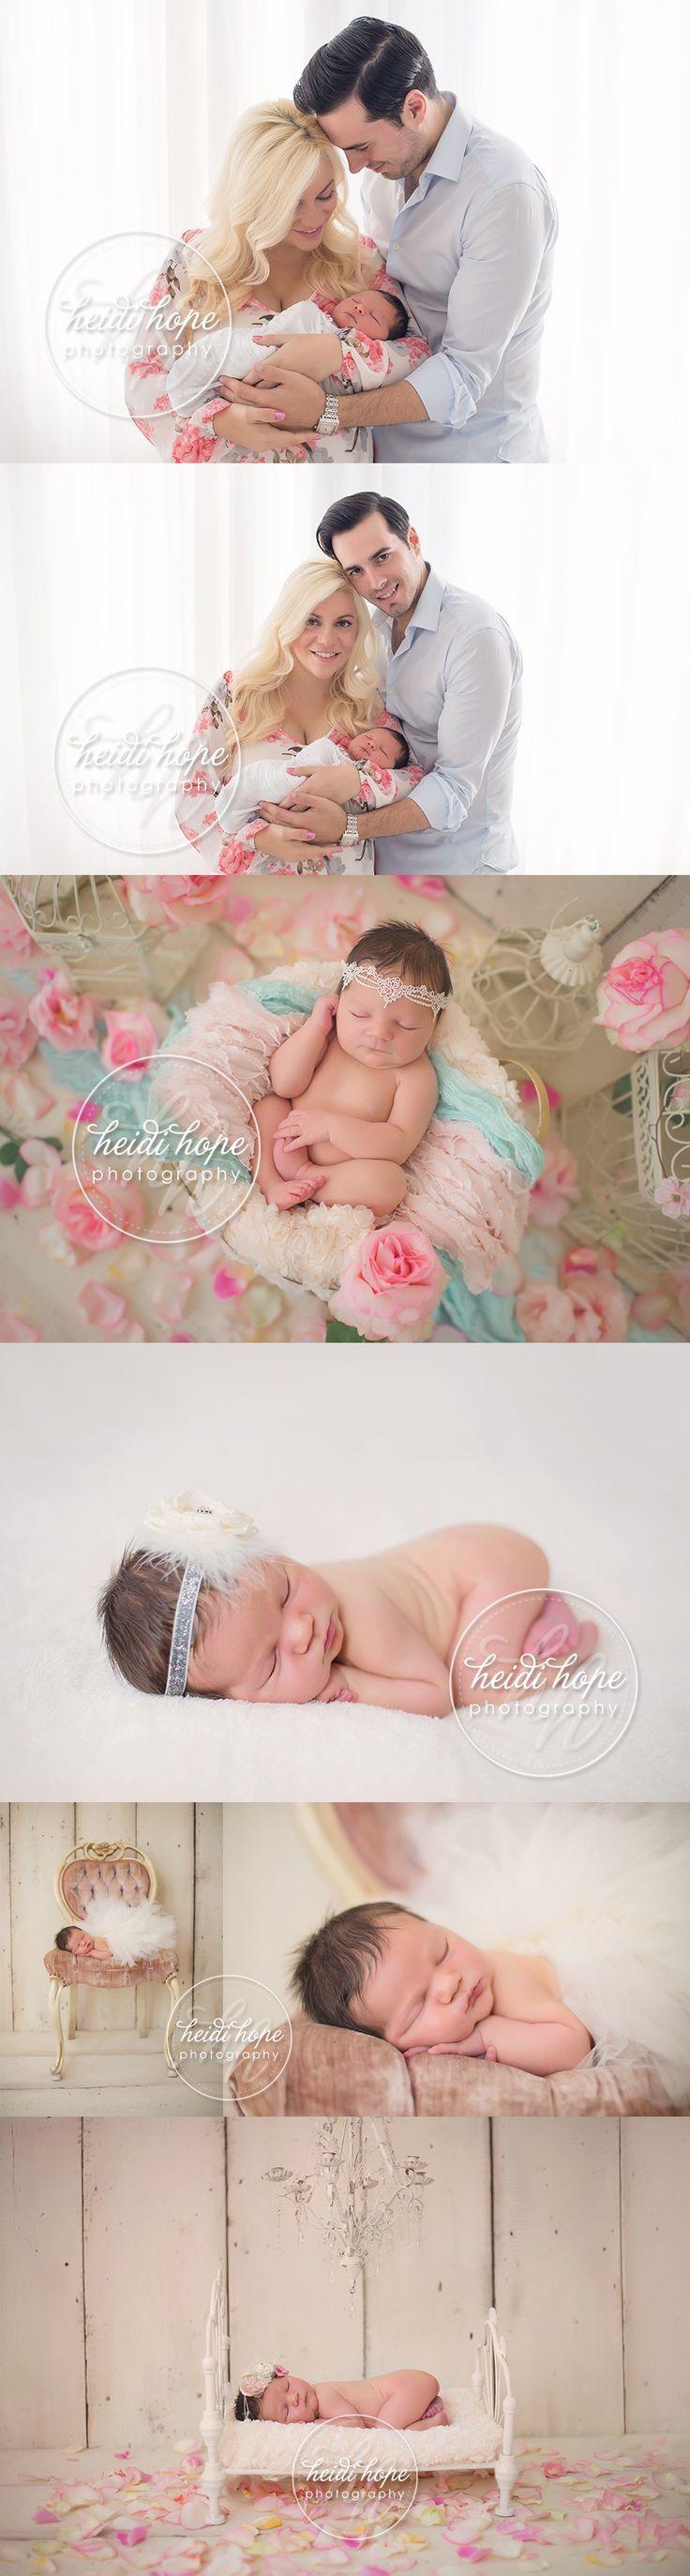 214 besten PHOTOGRAPHY-NEWBORNS AND CHILDREN Bilder auf Pinterest ...